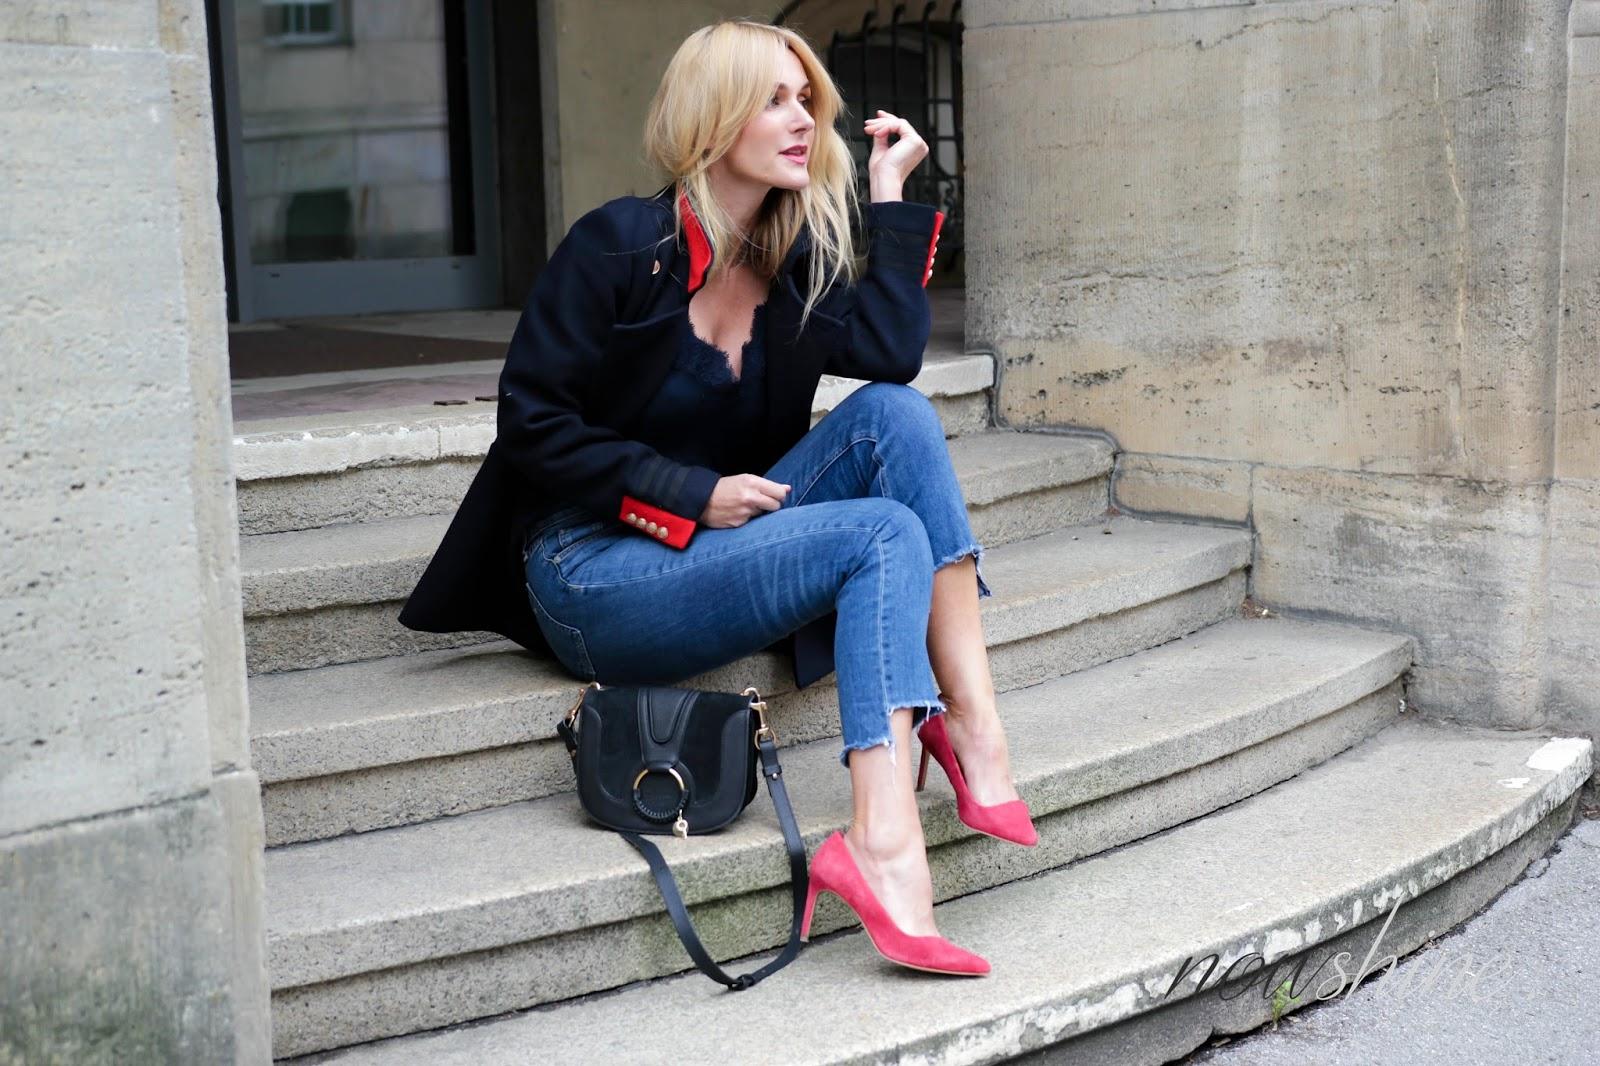 Fashion über 40 - Cabanjacke für die Capsule Wardrobe